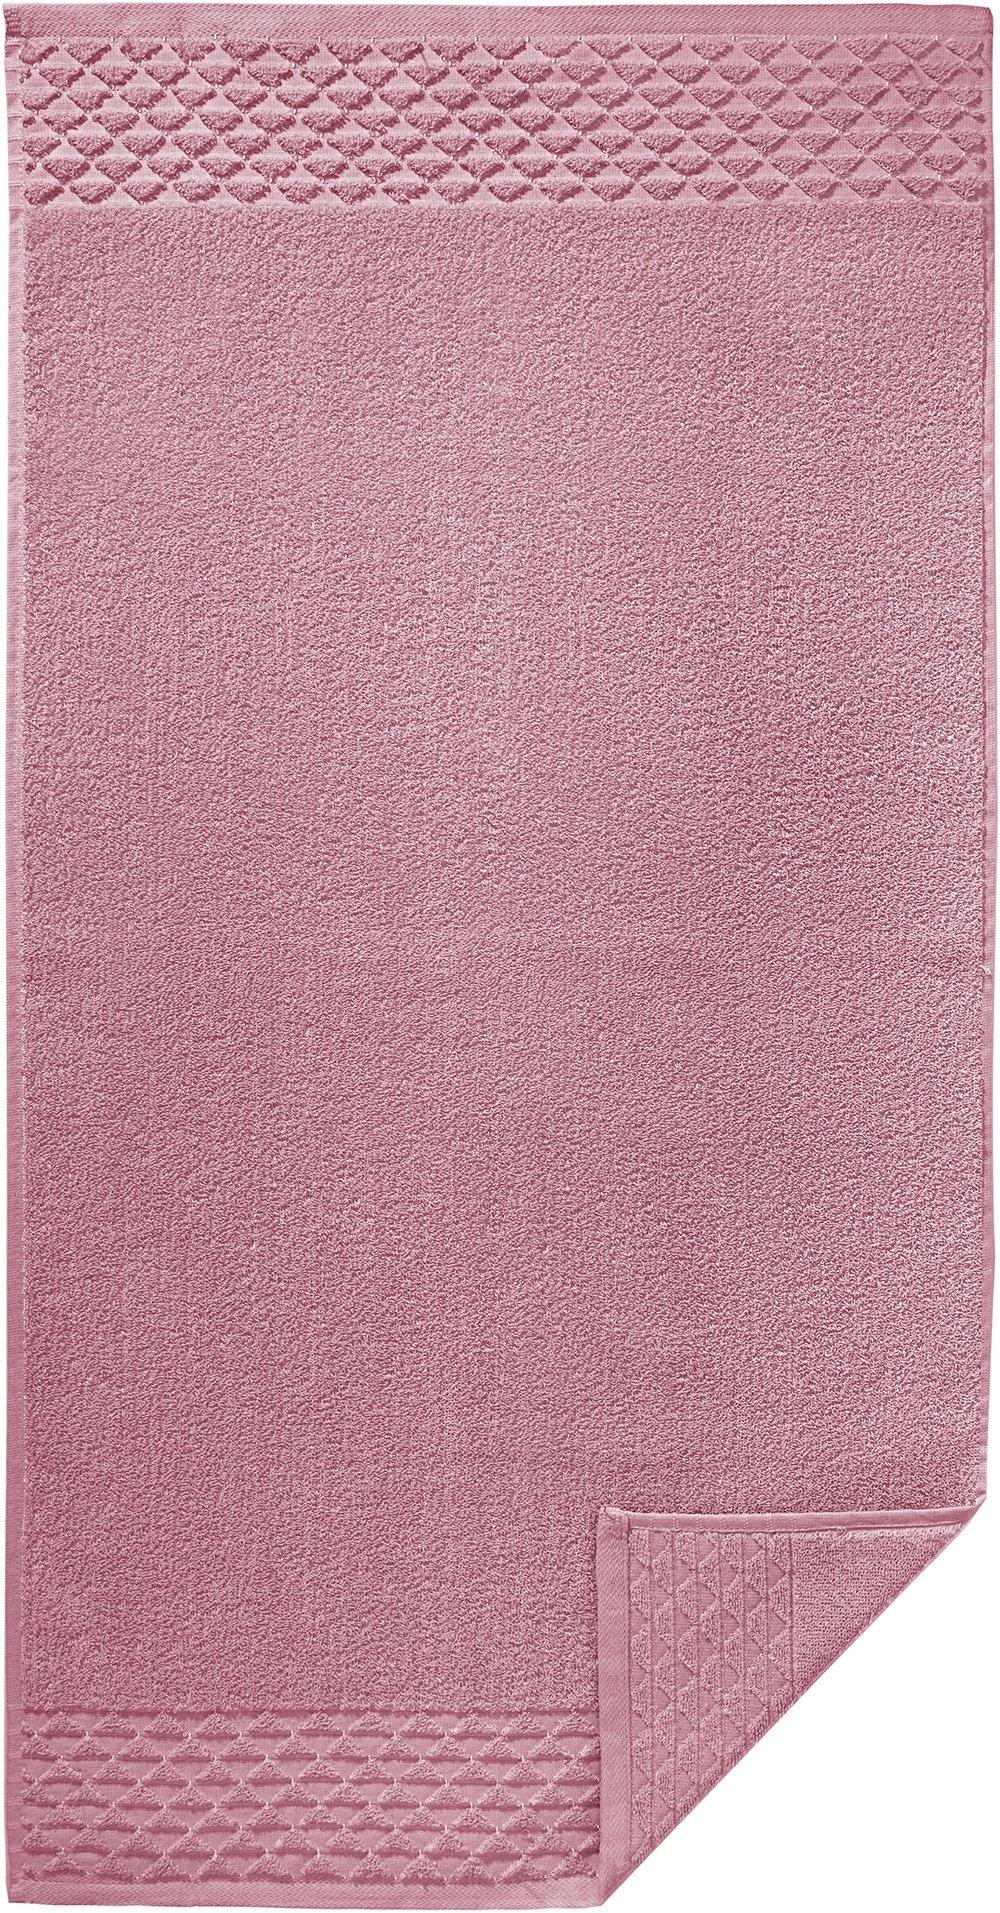 Dyckhoff handdoek nu online kopen bij OTTO